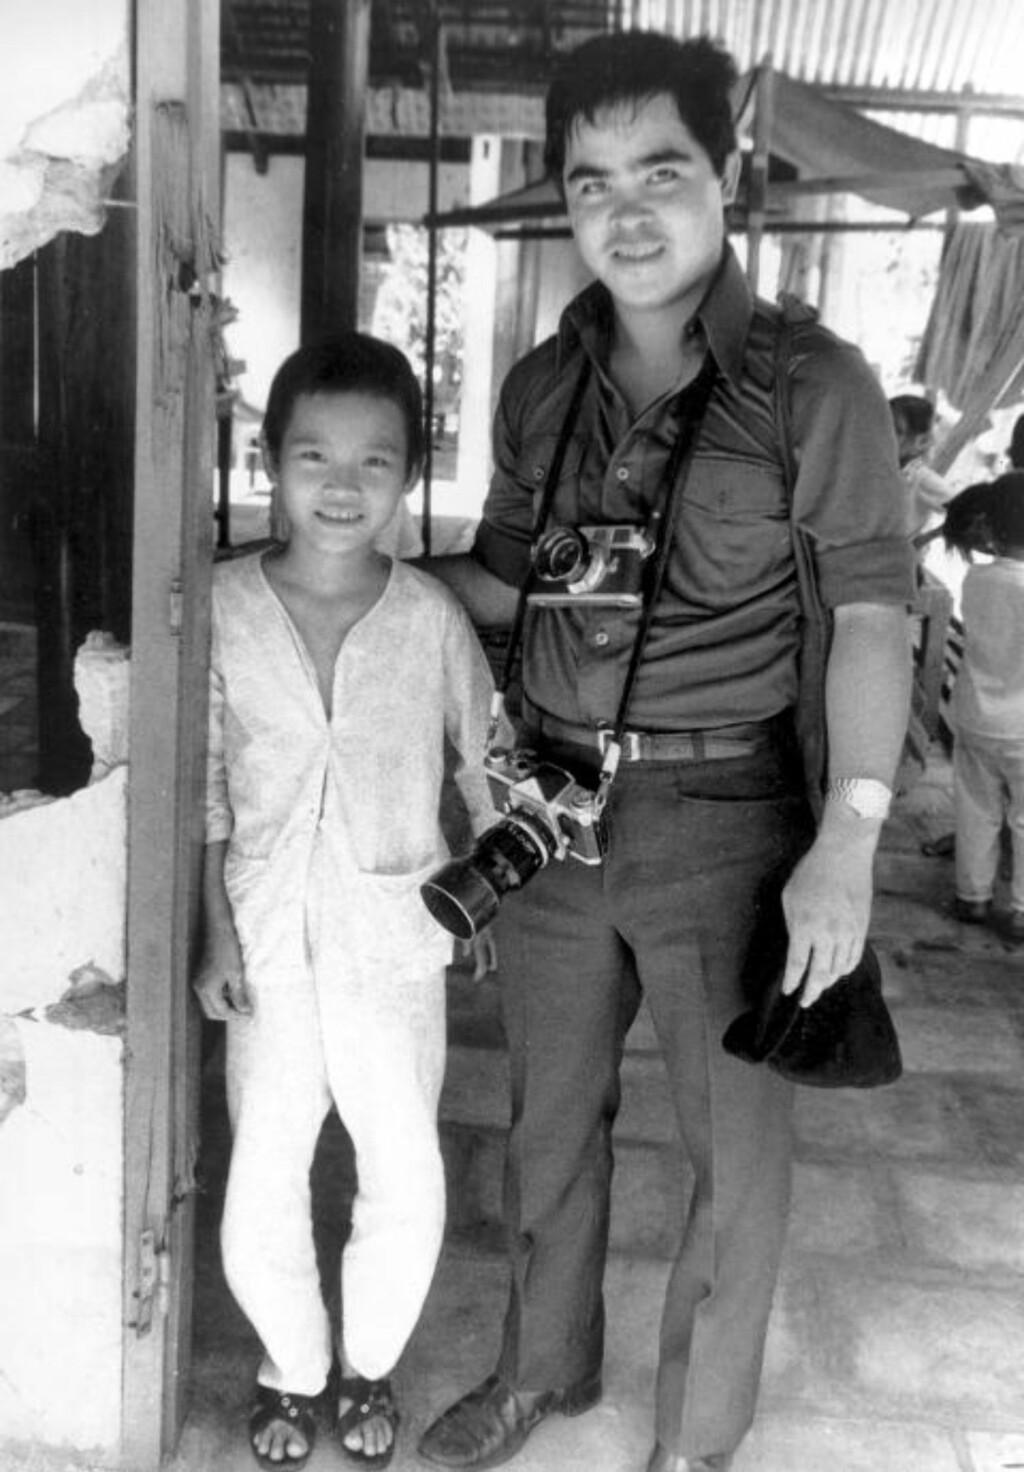 MØTTES IGJEN:  Fotografen Nick Ut besøkte Kim Phuc flere ganger, her i 1973. (AP Photo)